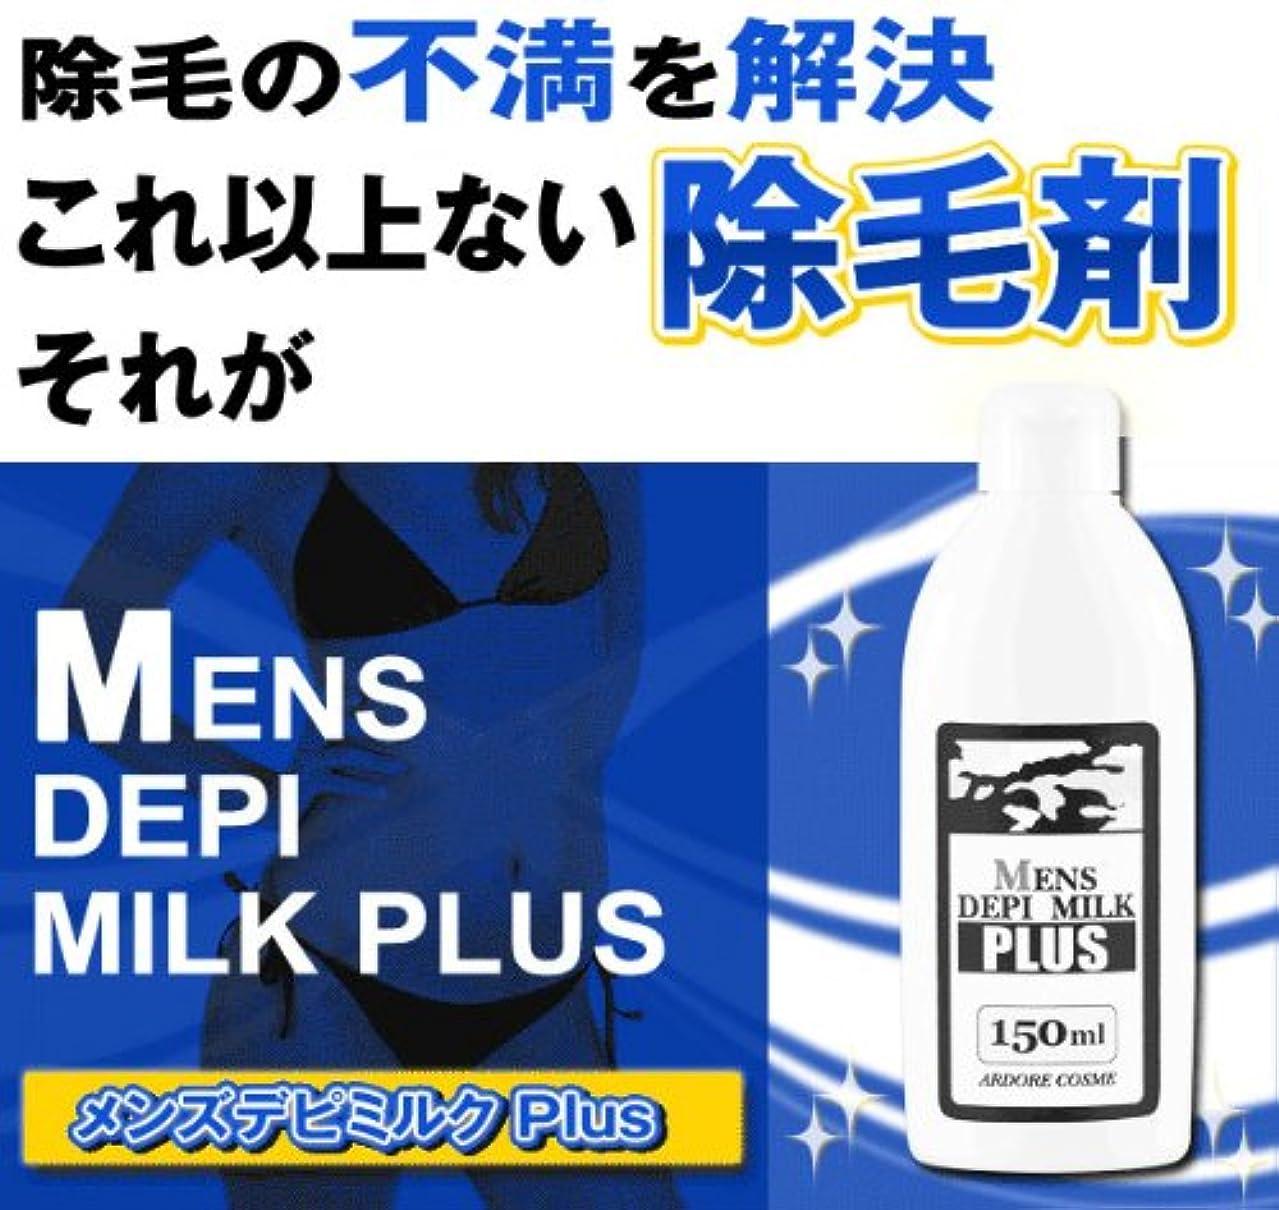 失速雄大なパケット薬用メンズデピミルクプラス 150ml(薬用除毛クリーム)医薬部外品